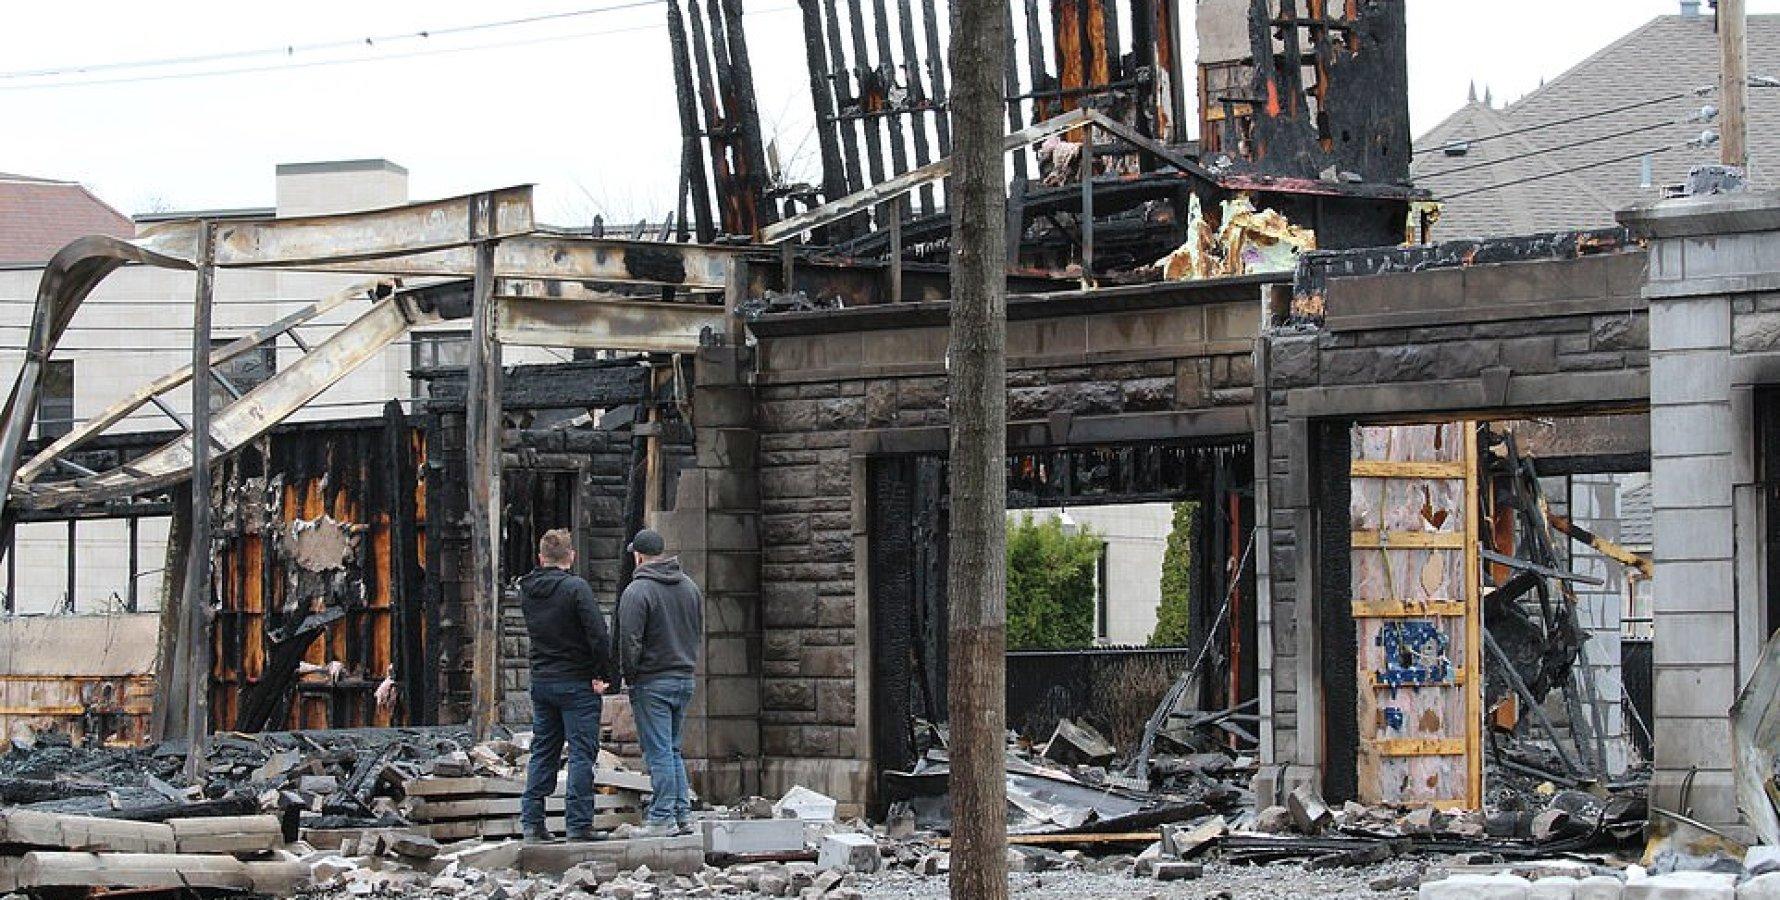 В Монреале неизвестные сожгли имение основателя PornHub - ФОТО — фото 1